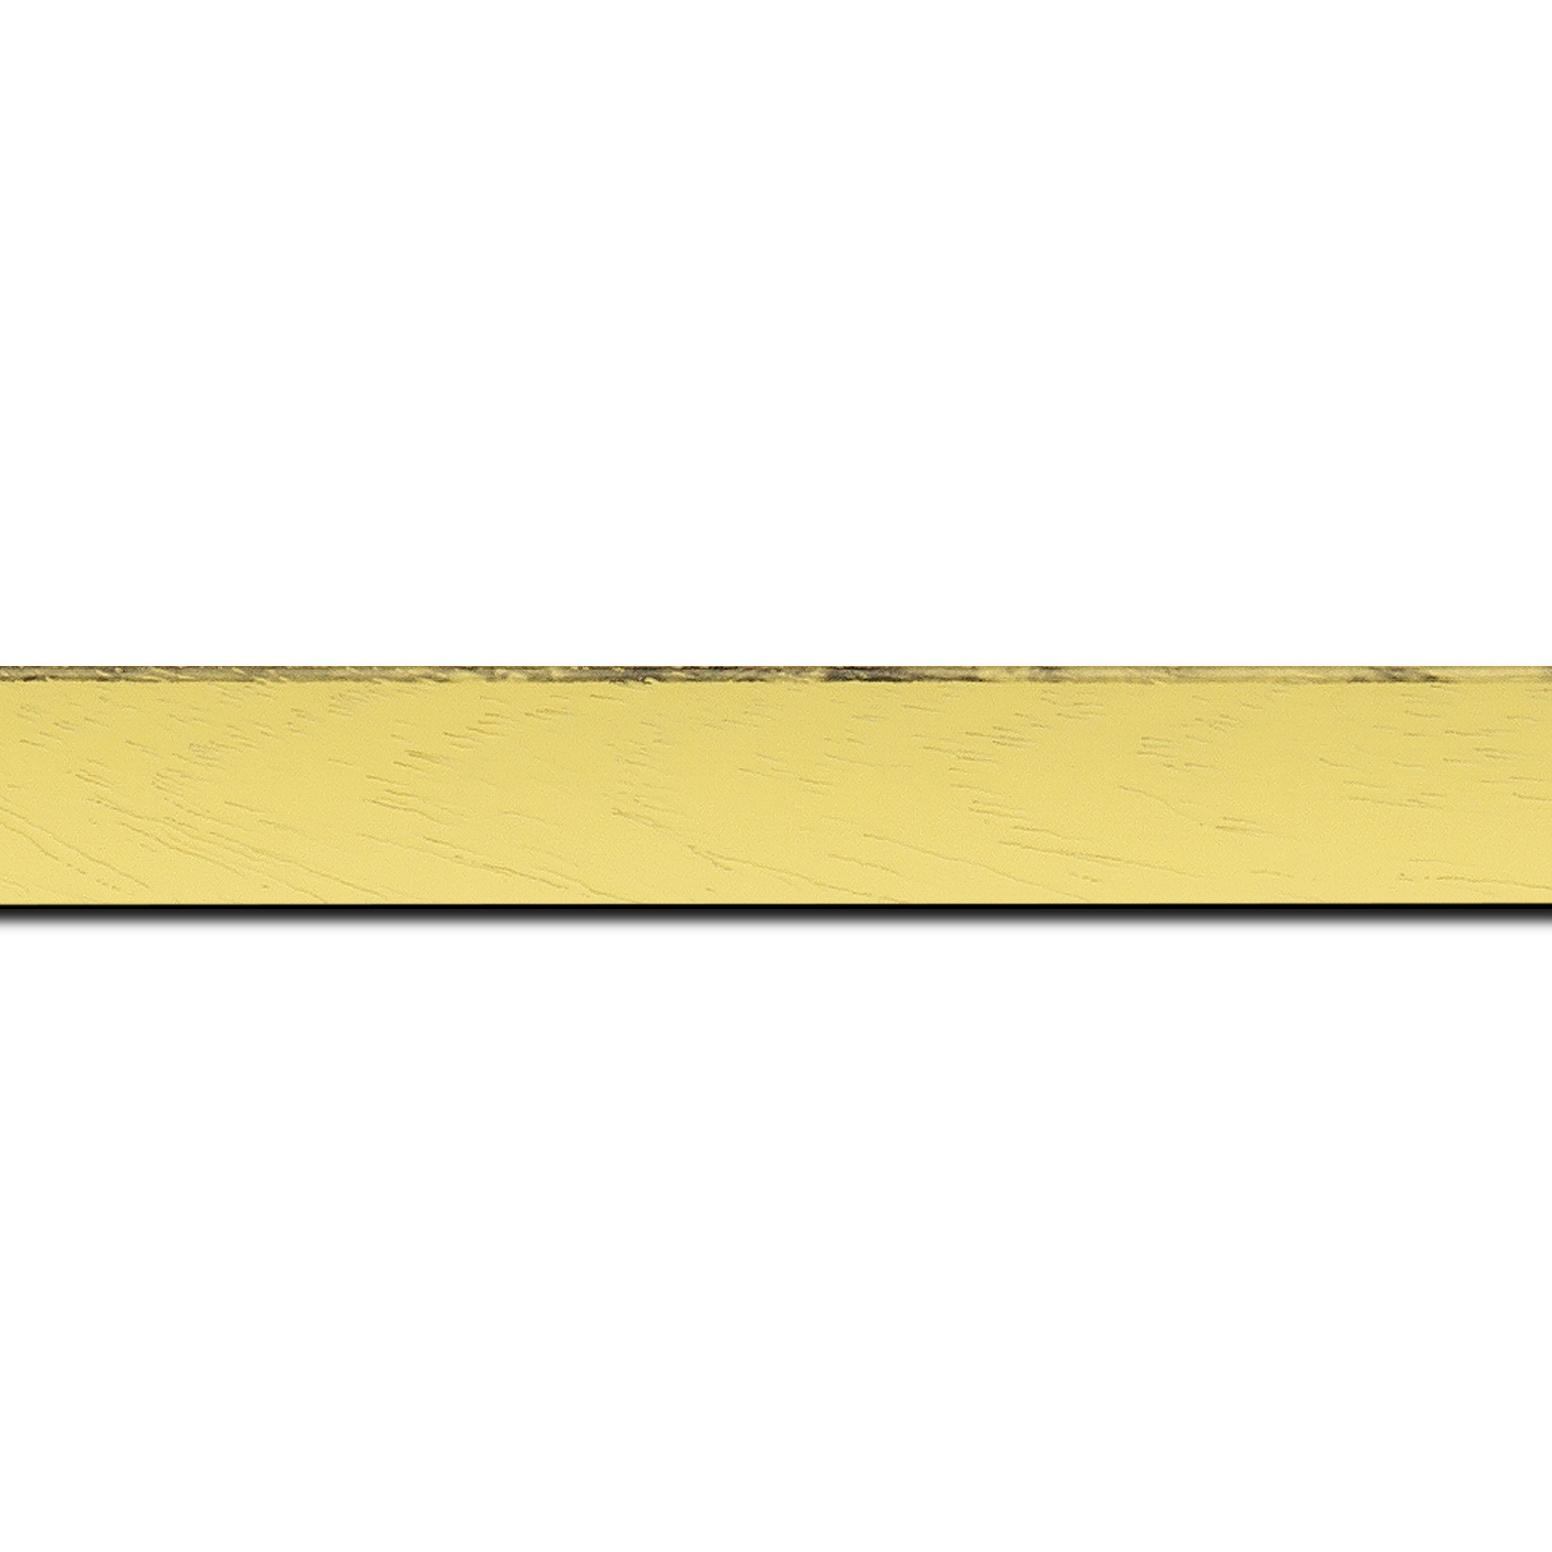 Pack par 12m, bois profil concave largeur 2.4cm couleur jaune tonique satiné arêtes essuyés noircies de chaque coté (longueur baguette pouvant varier entre 2.40m et 3m selon arrivage des bois)